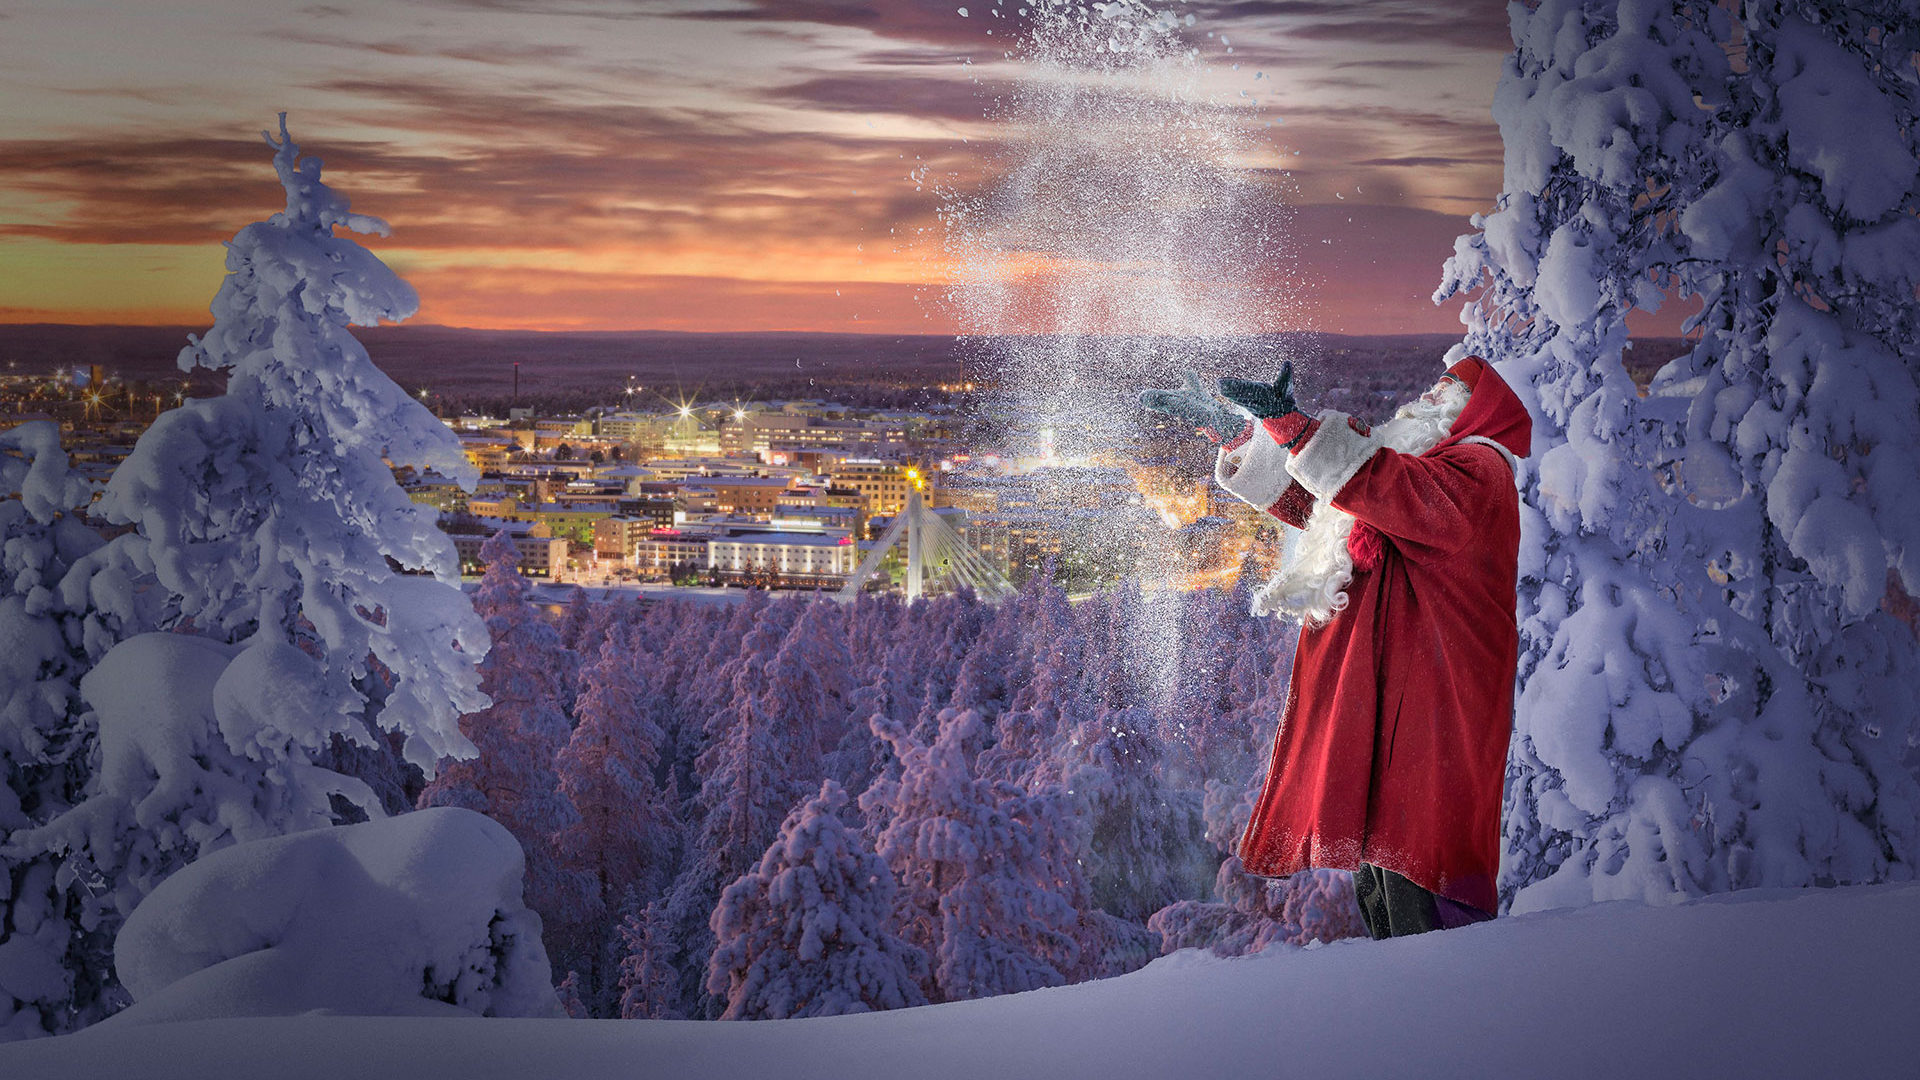 La magia de la Navidad: 5 lugares preciosos donde escaparse / The Magic of Christmas